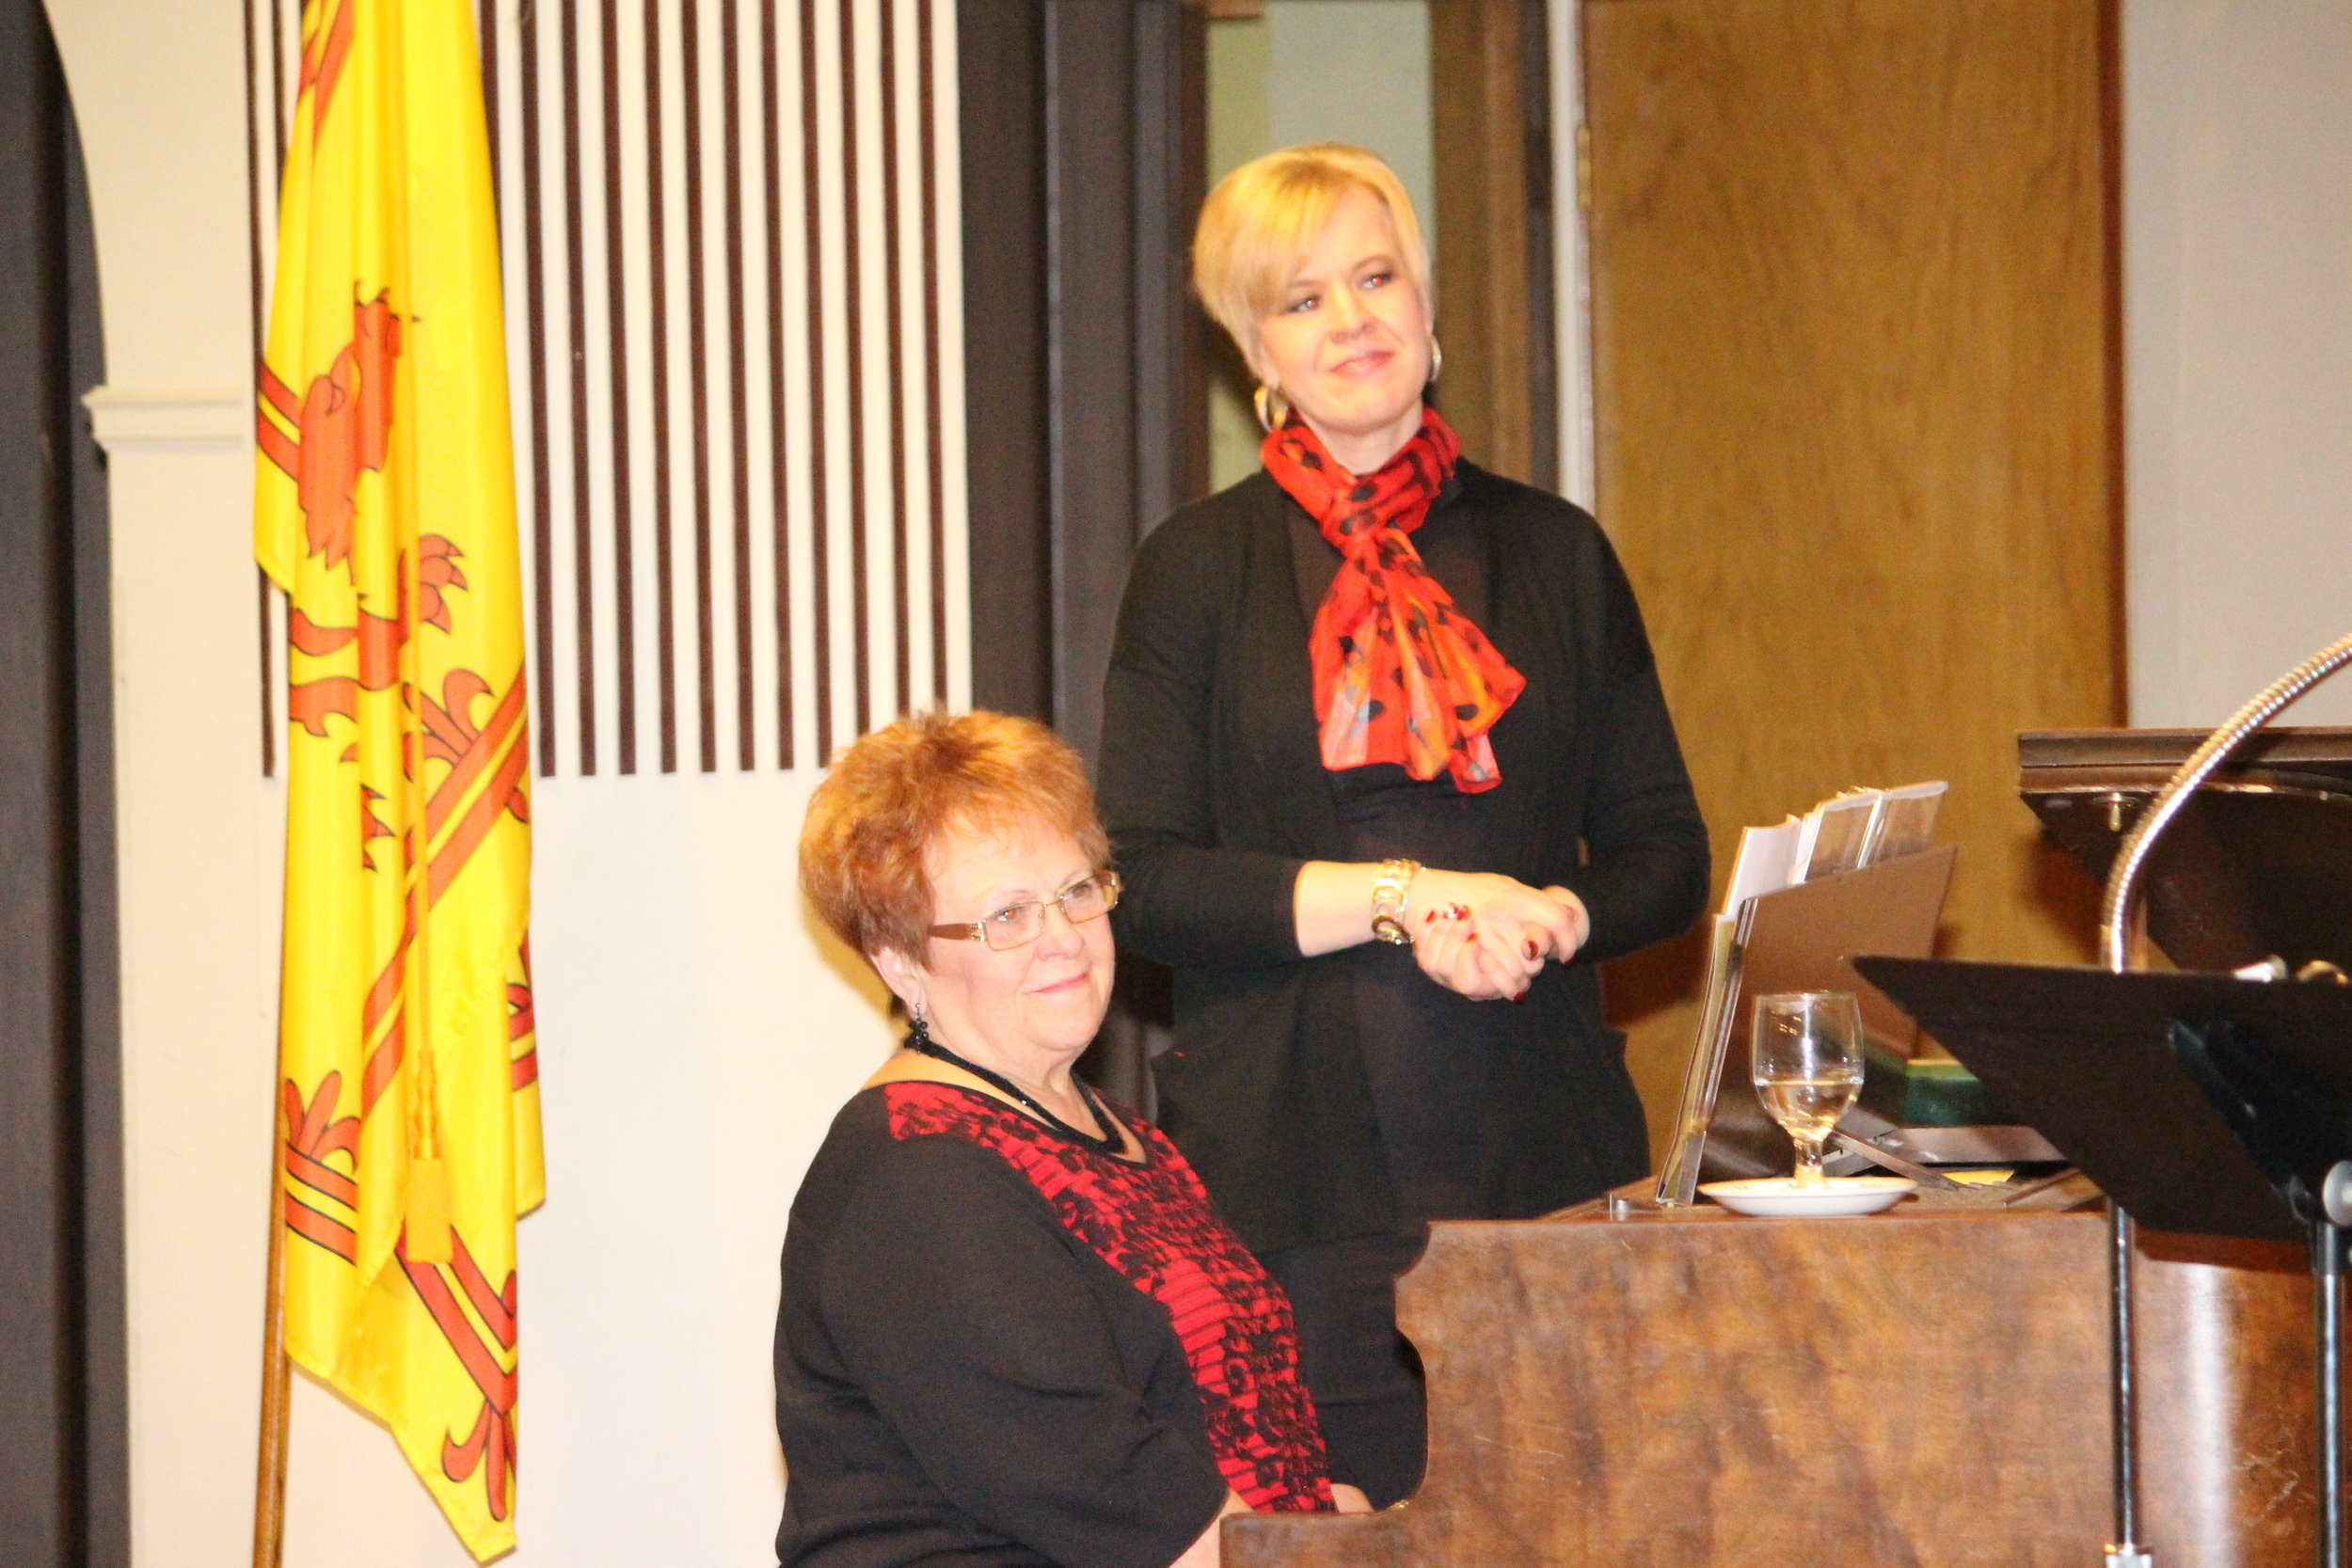 Julie Baker Anderson and Anita Elliott